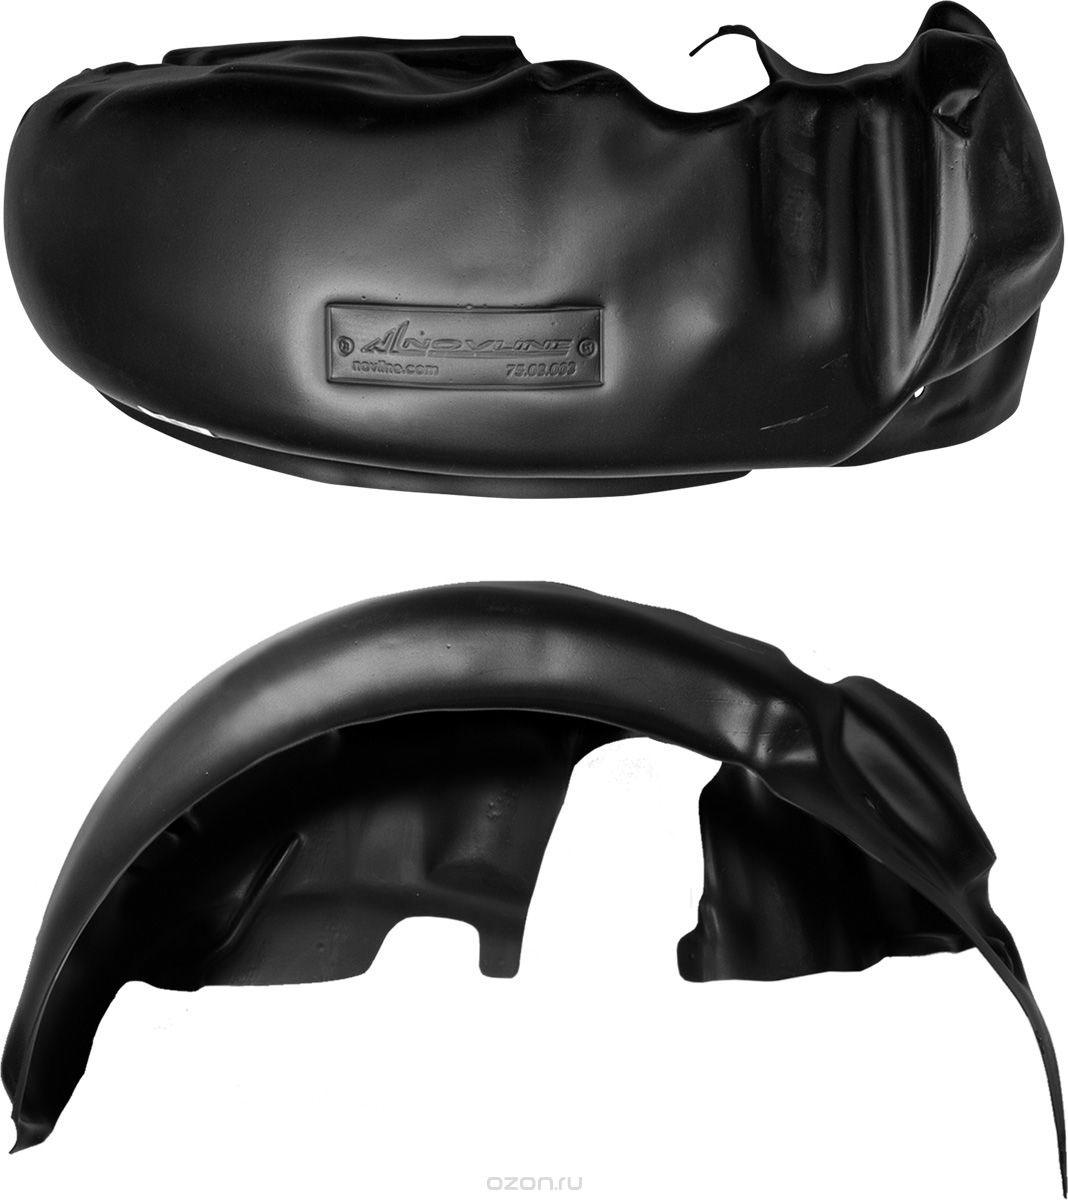 Подкрылок Novline-Autofamily, для Renault Duster, 05/2015->, передний правыйNLL.41.41.002Идеальная защита колесной ниши. Локеры разработаны с применением цифровых технологий, гарантируют максимальную повторяемость поверхности арки. Изделия устанавливаются без нарушения лакокрасочного покрытия автомобиля, каждый подкрылок комплектуется крепежом. Уважаемые клиенты, обращаем ваше внимание, что фотографии на подкрылки универсальные и не отражают реальную форму изделия. При этом само изделие идет точно под размер указанного автомобиля.